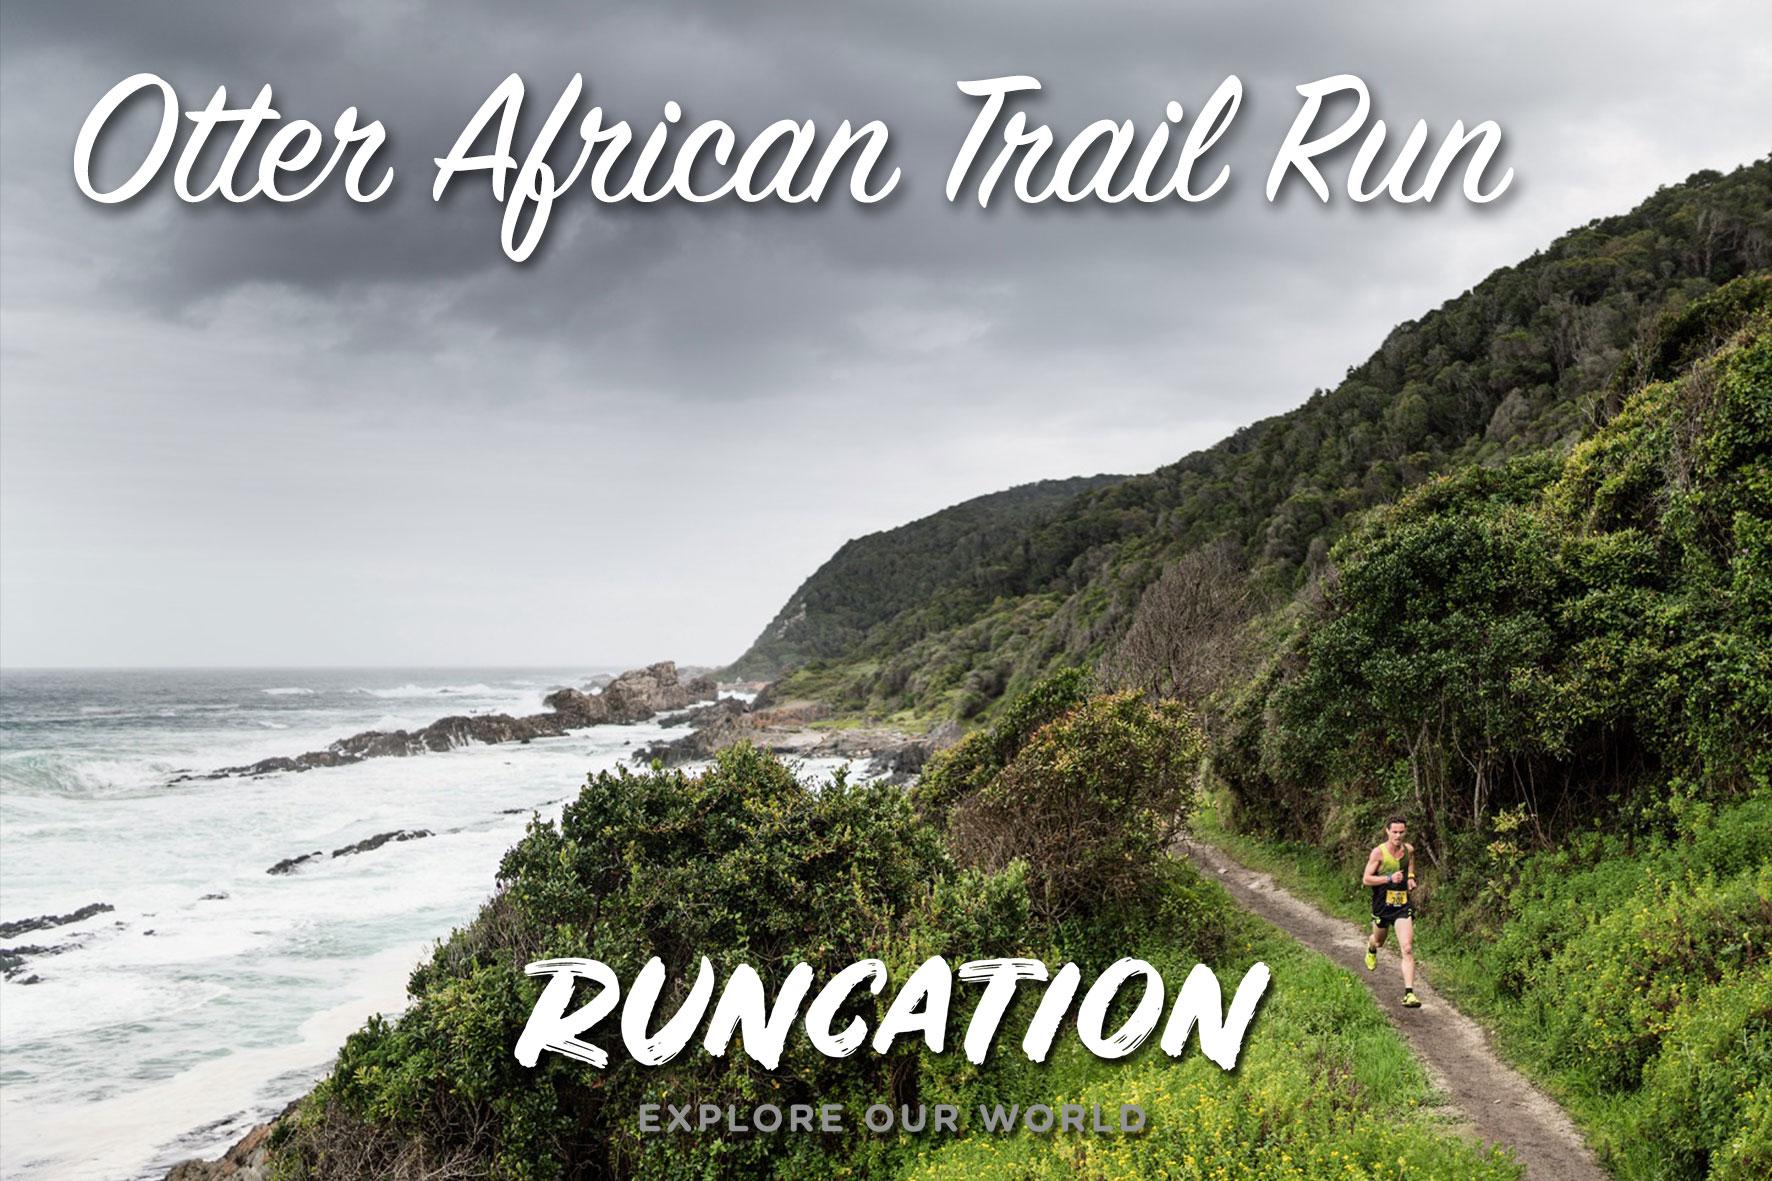 Runcation-Website-Otter-Header.jpg